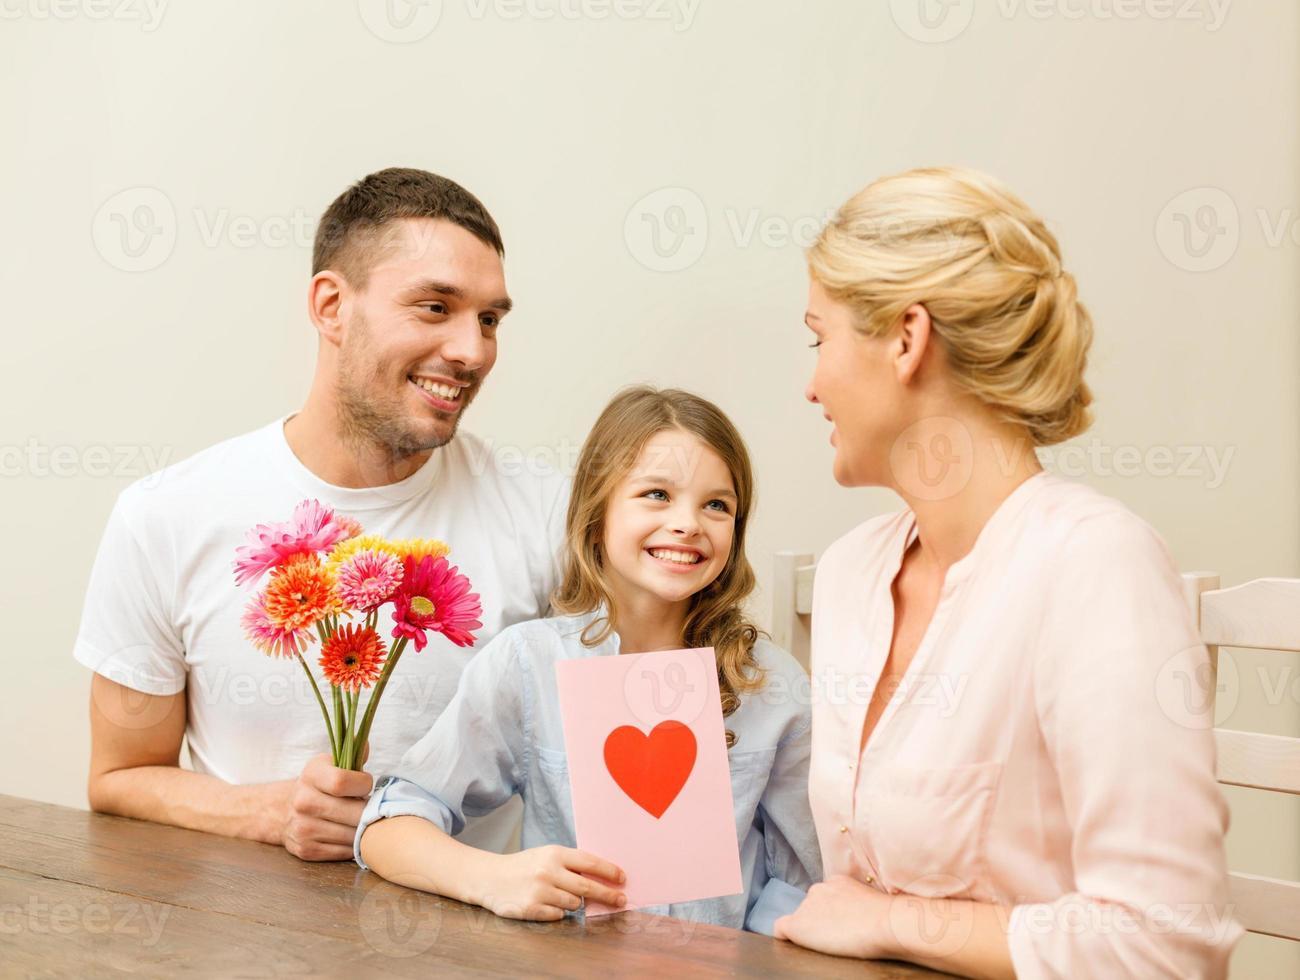 família feliz comemorando o dia das mães foto